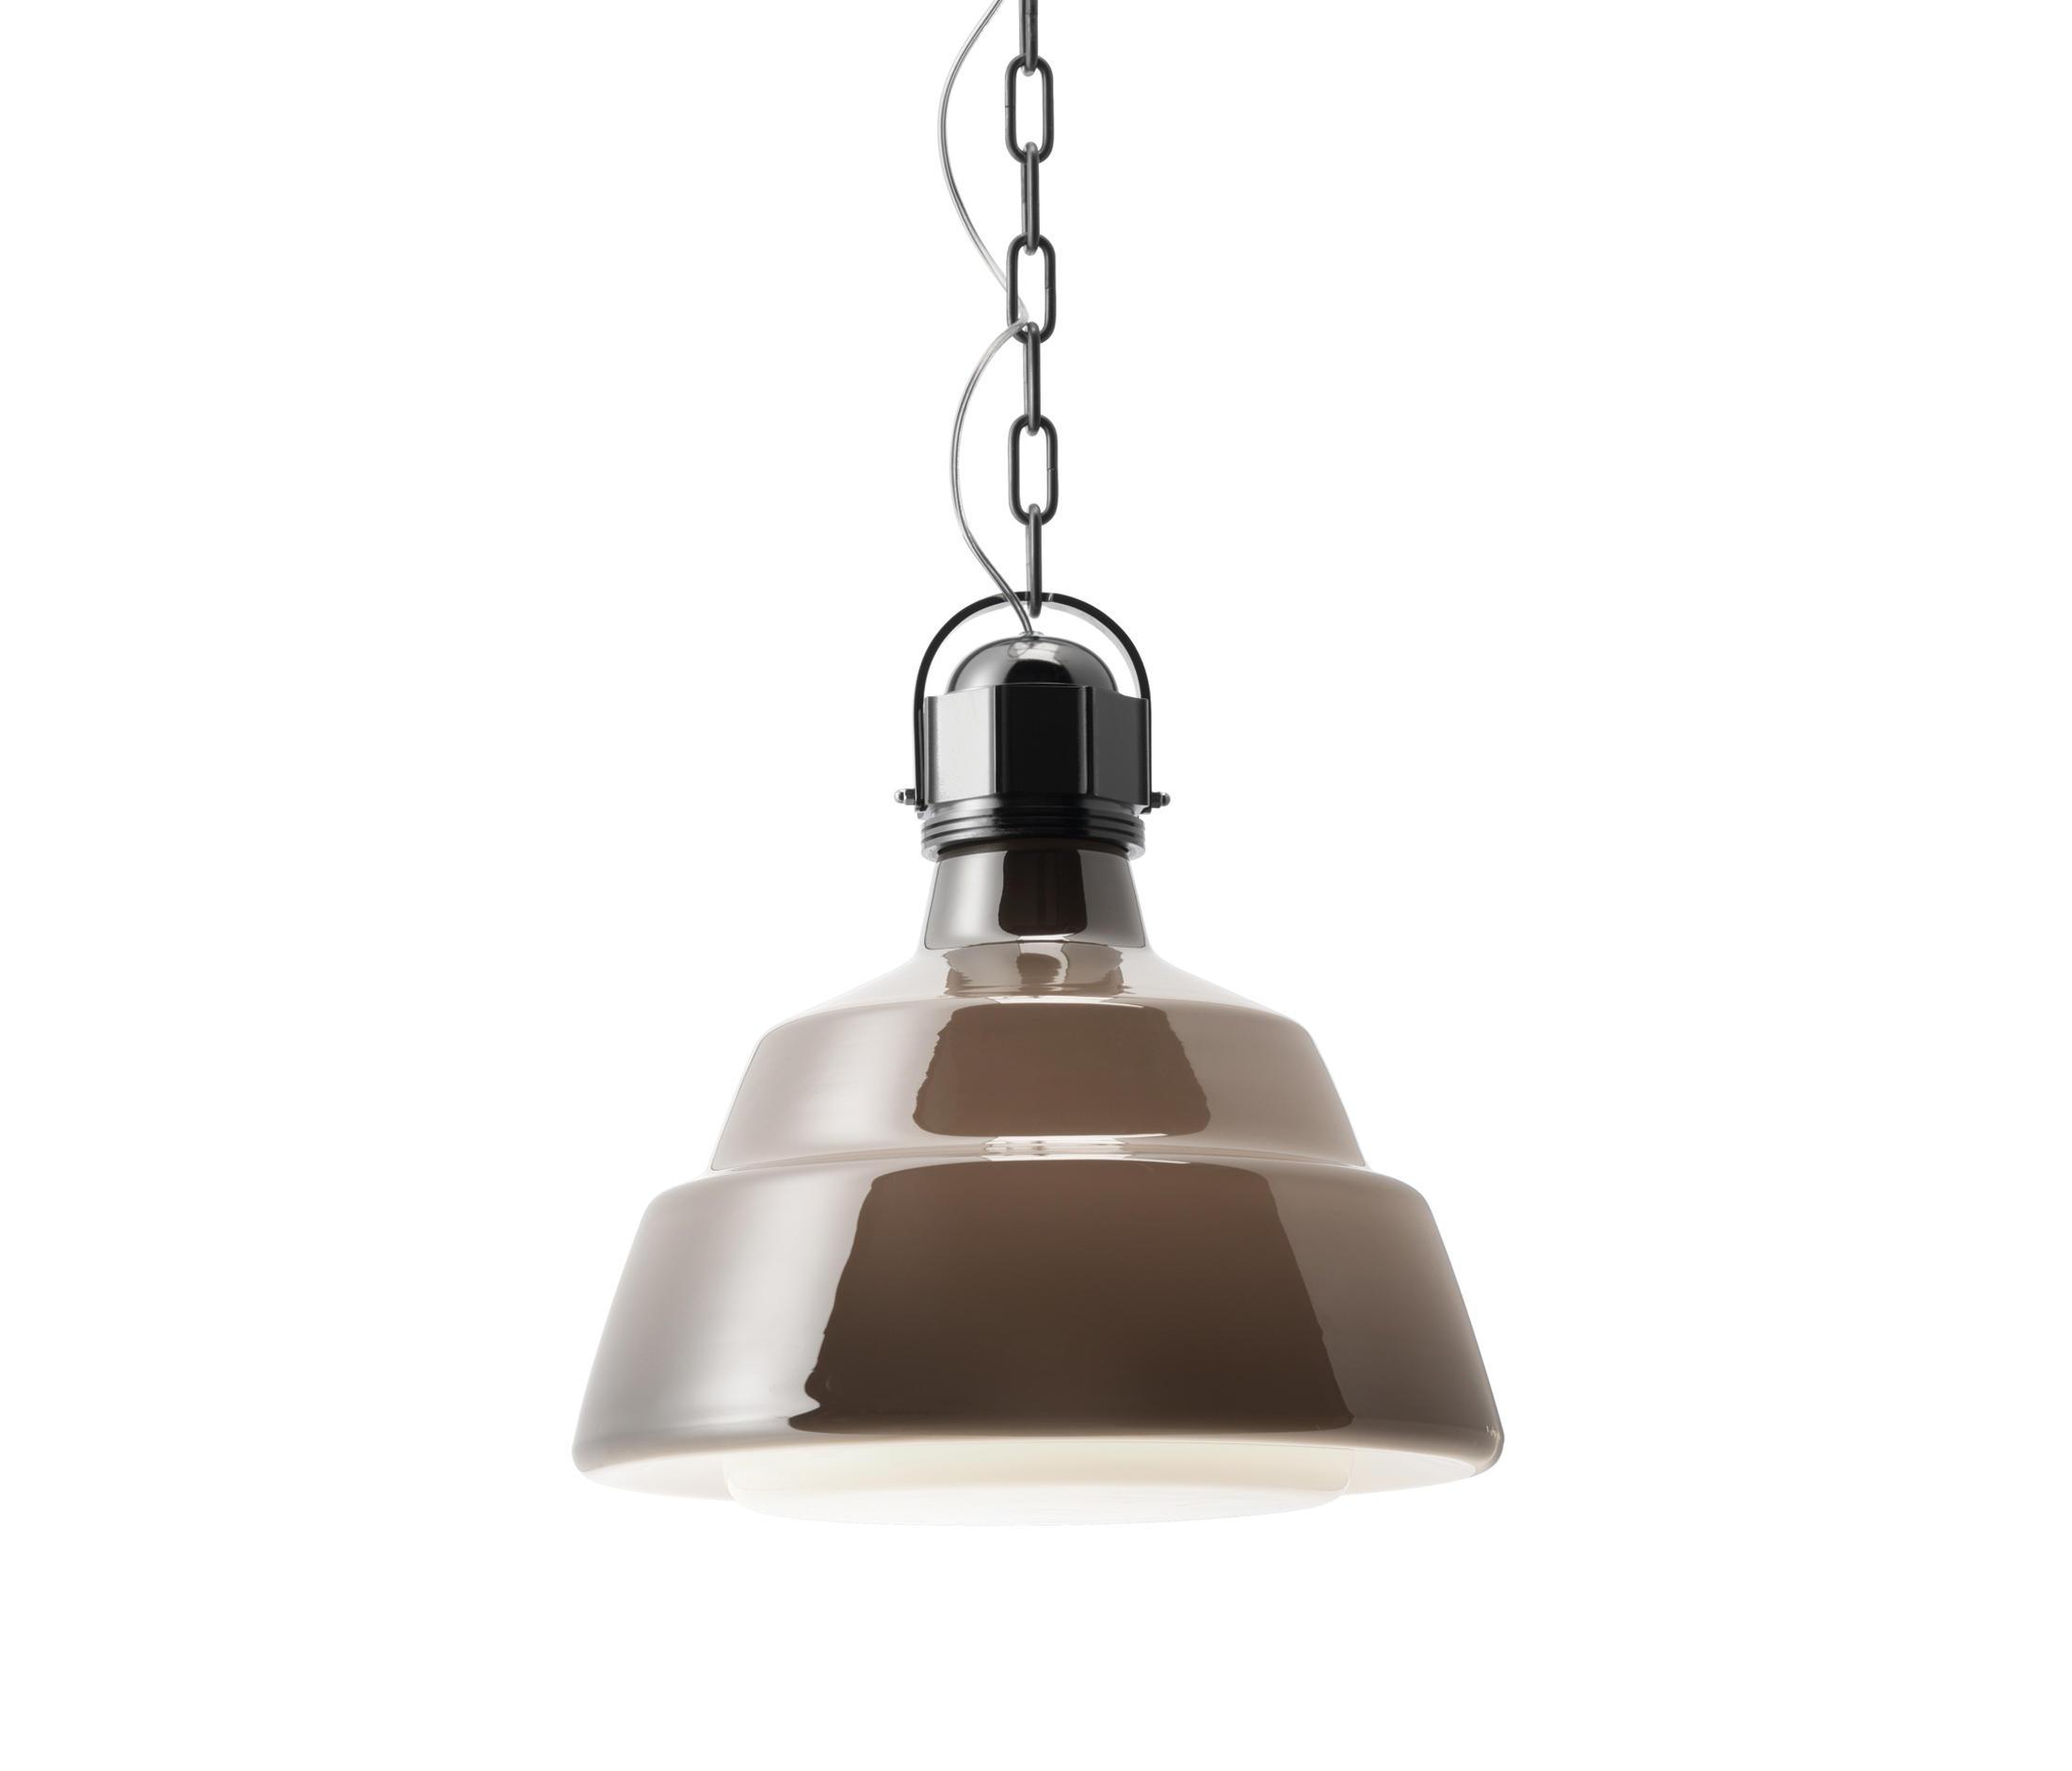 glas pendelleuchte gross allgemeinbeleuchtung von diesel. Black Bedroom Furniture Sets. Home Design Ideas